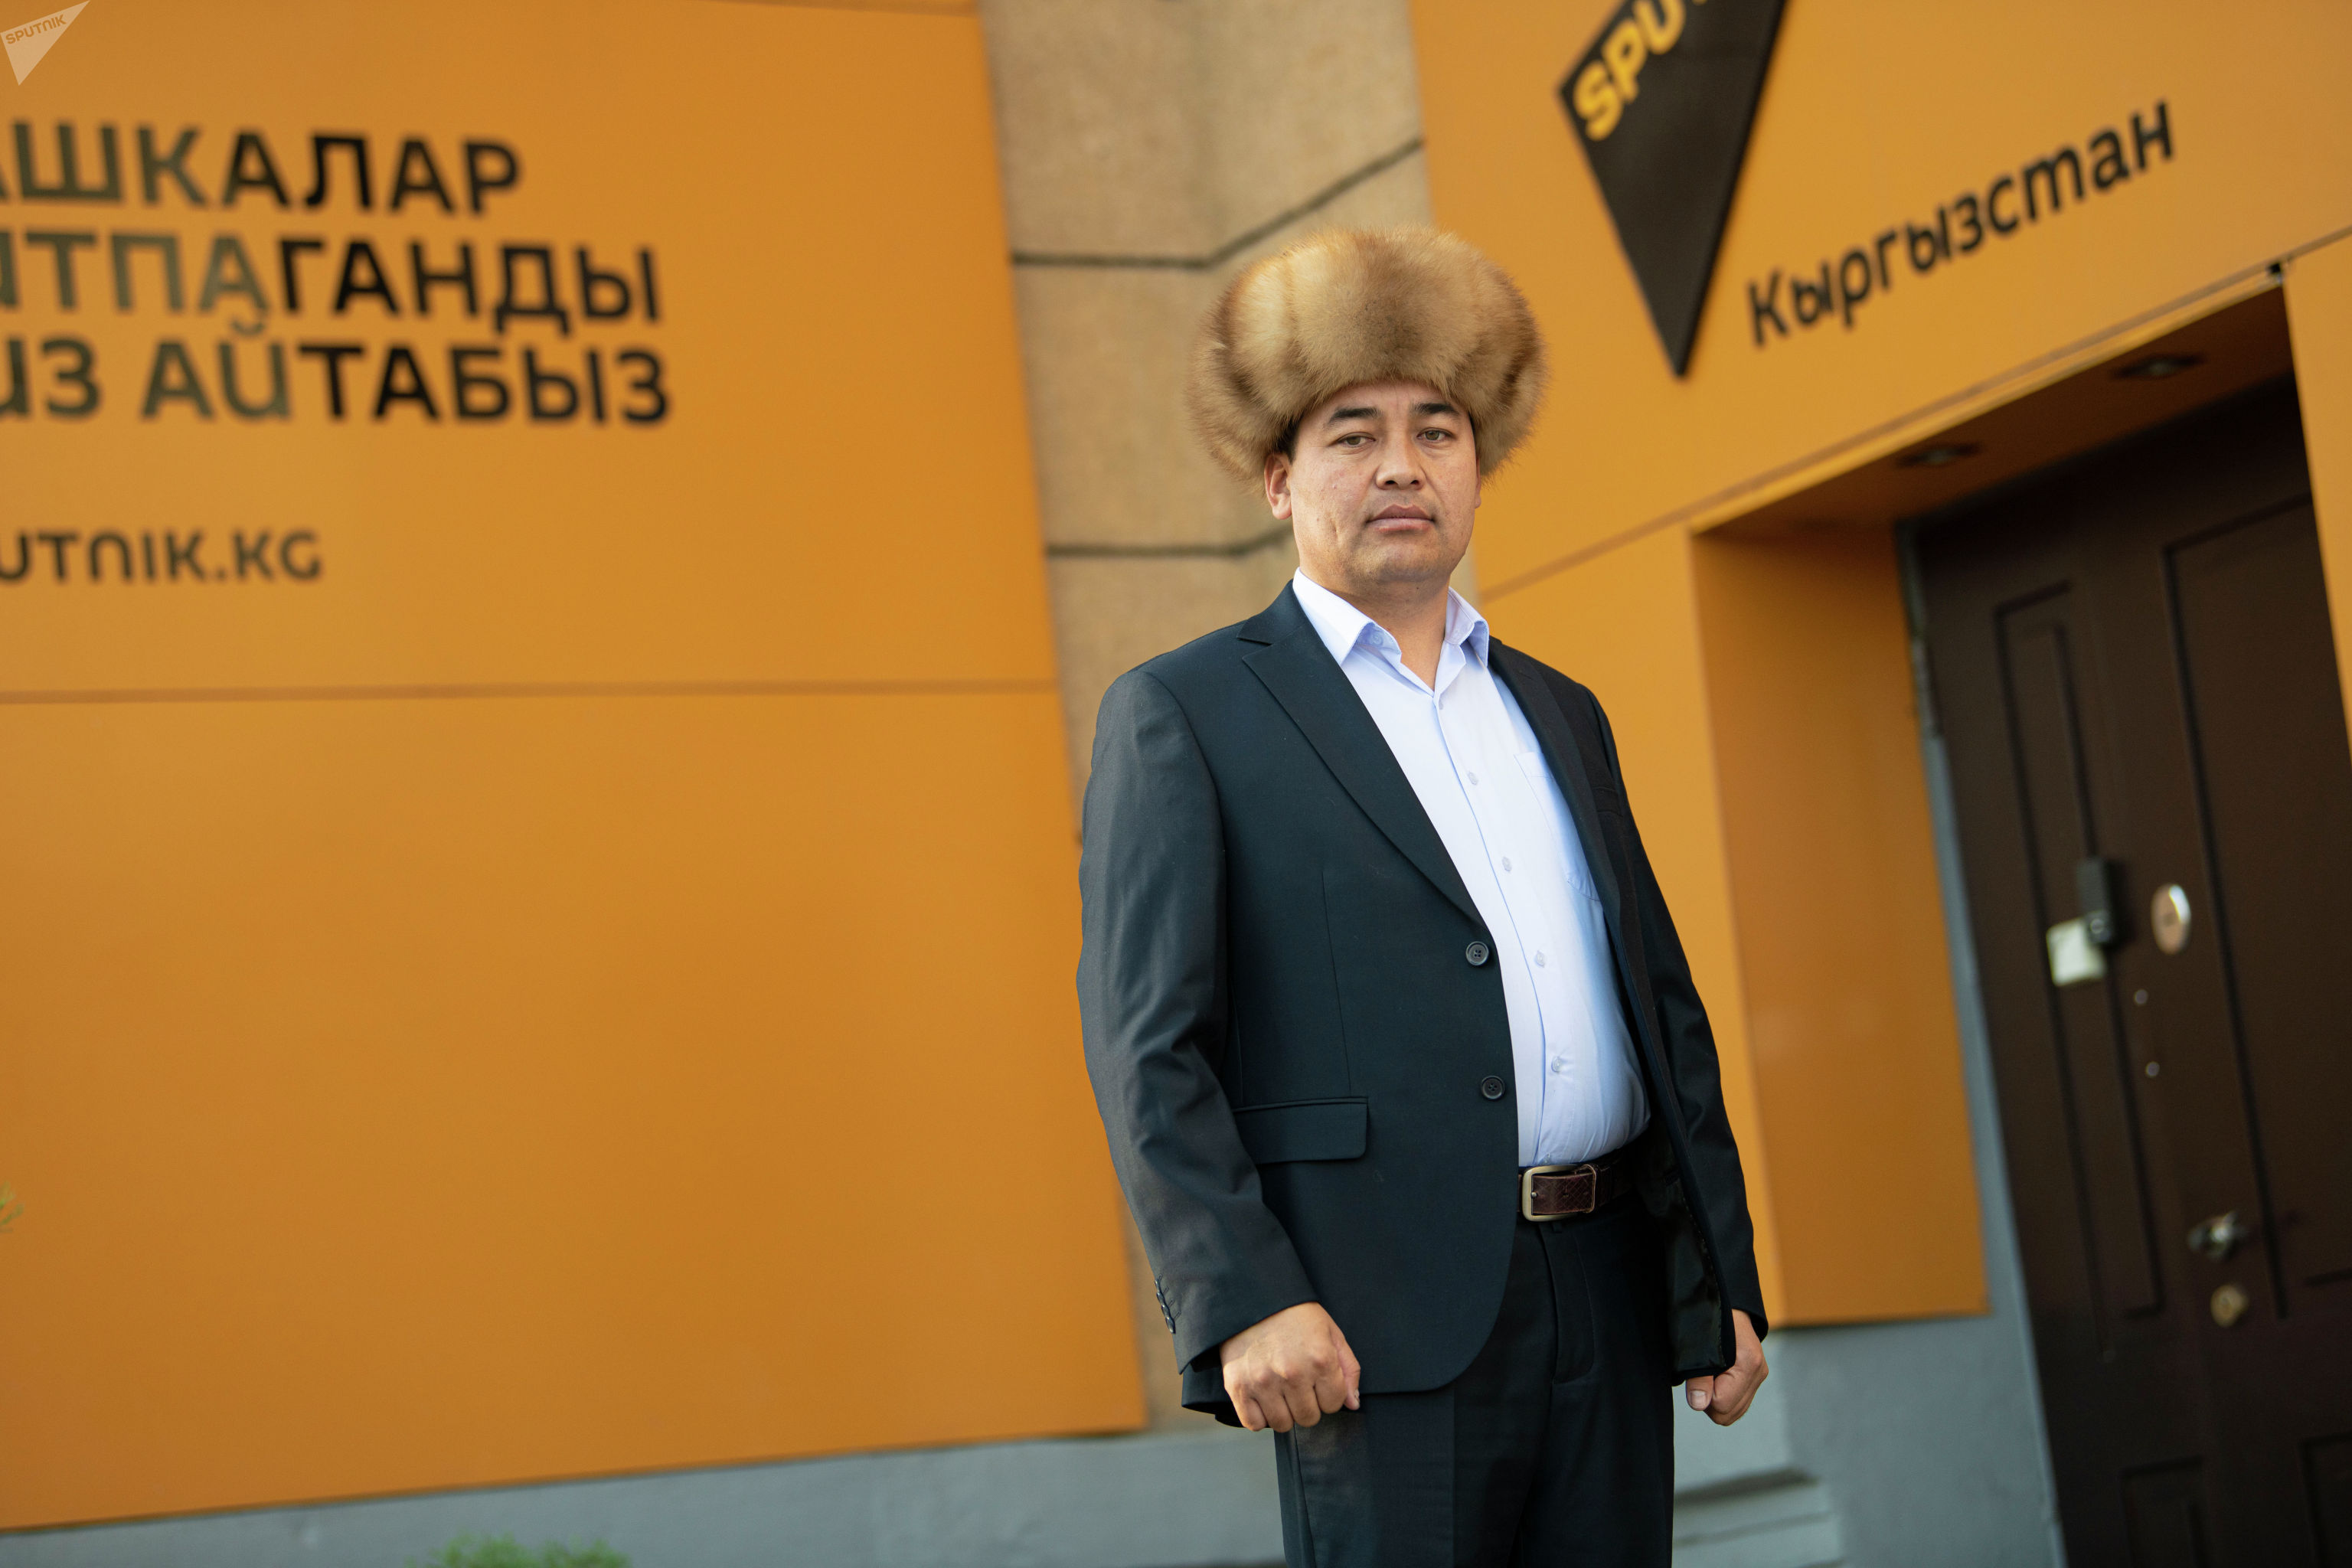 Манасчи Доолот Сыдыков, который непрерывно сказывал эпос Манас 14 часов 27 минут на площади Ала-Тоо в Бишкеке.